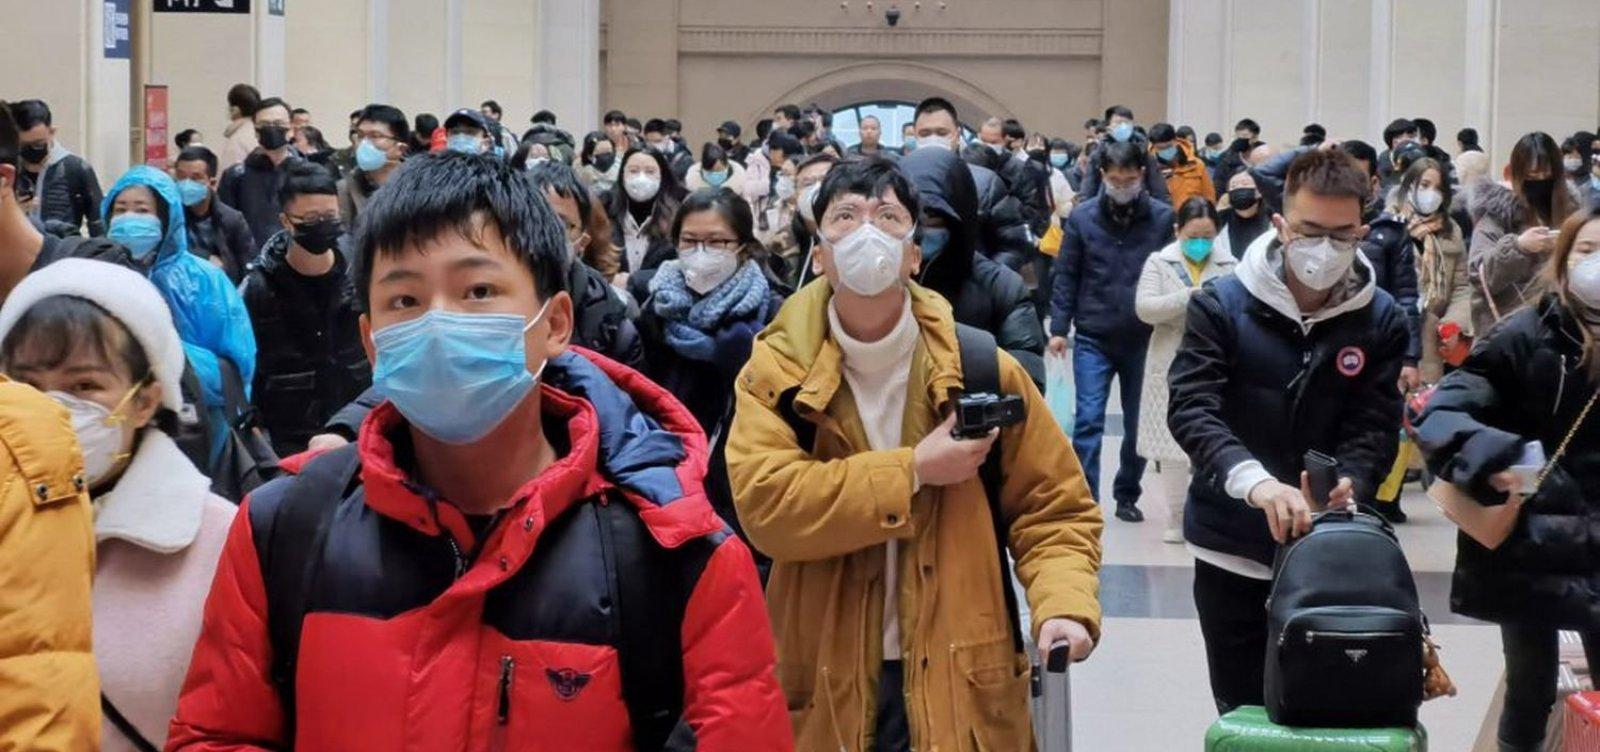 Ásia: a Coreia do Sul aprova o teste único para COVID-19 e gripe